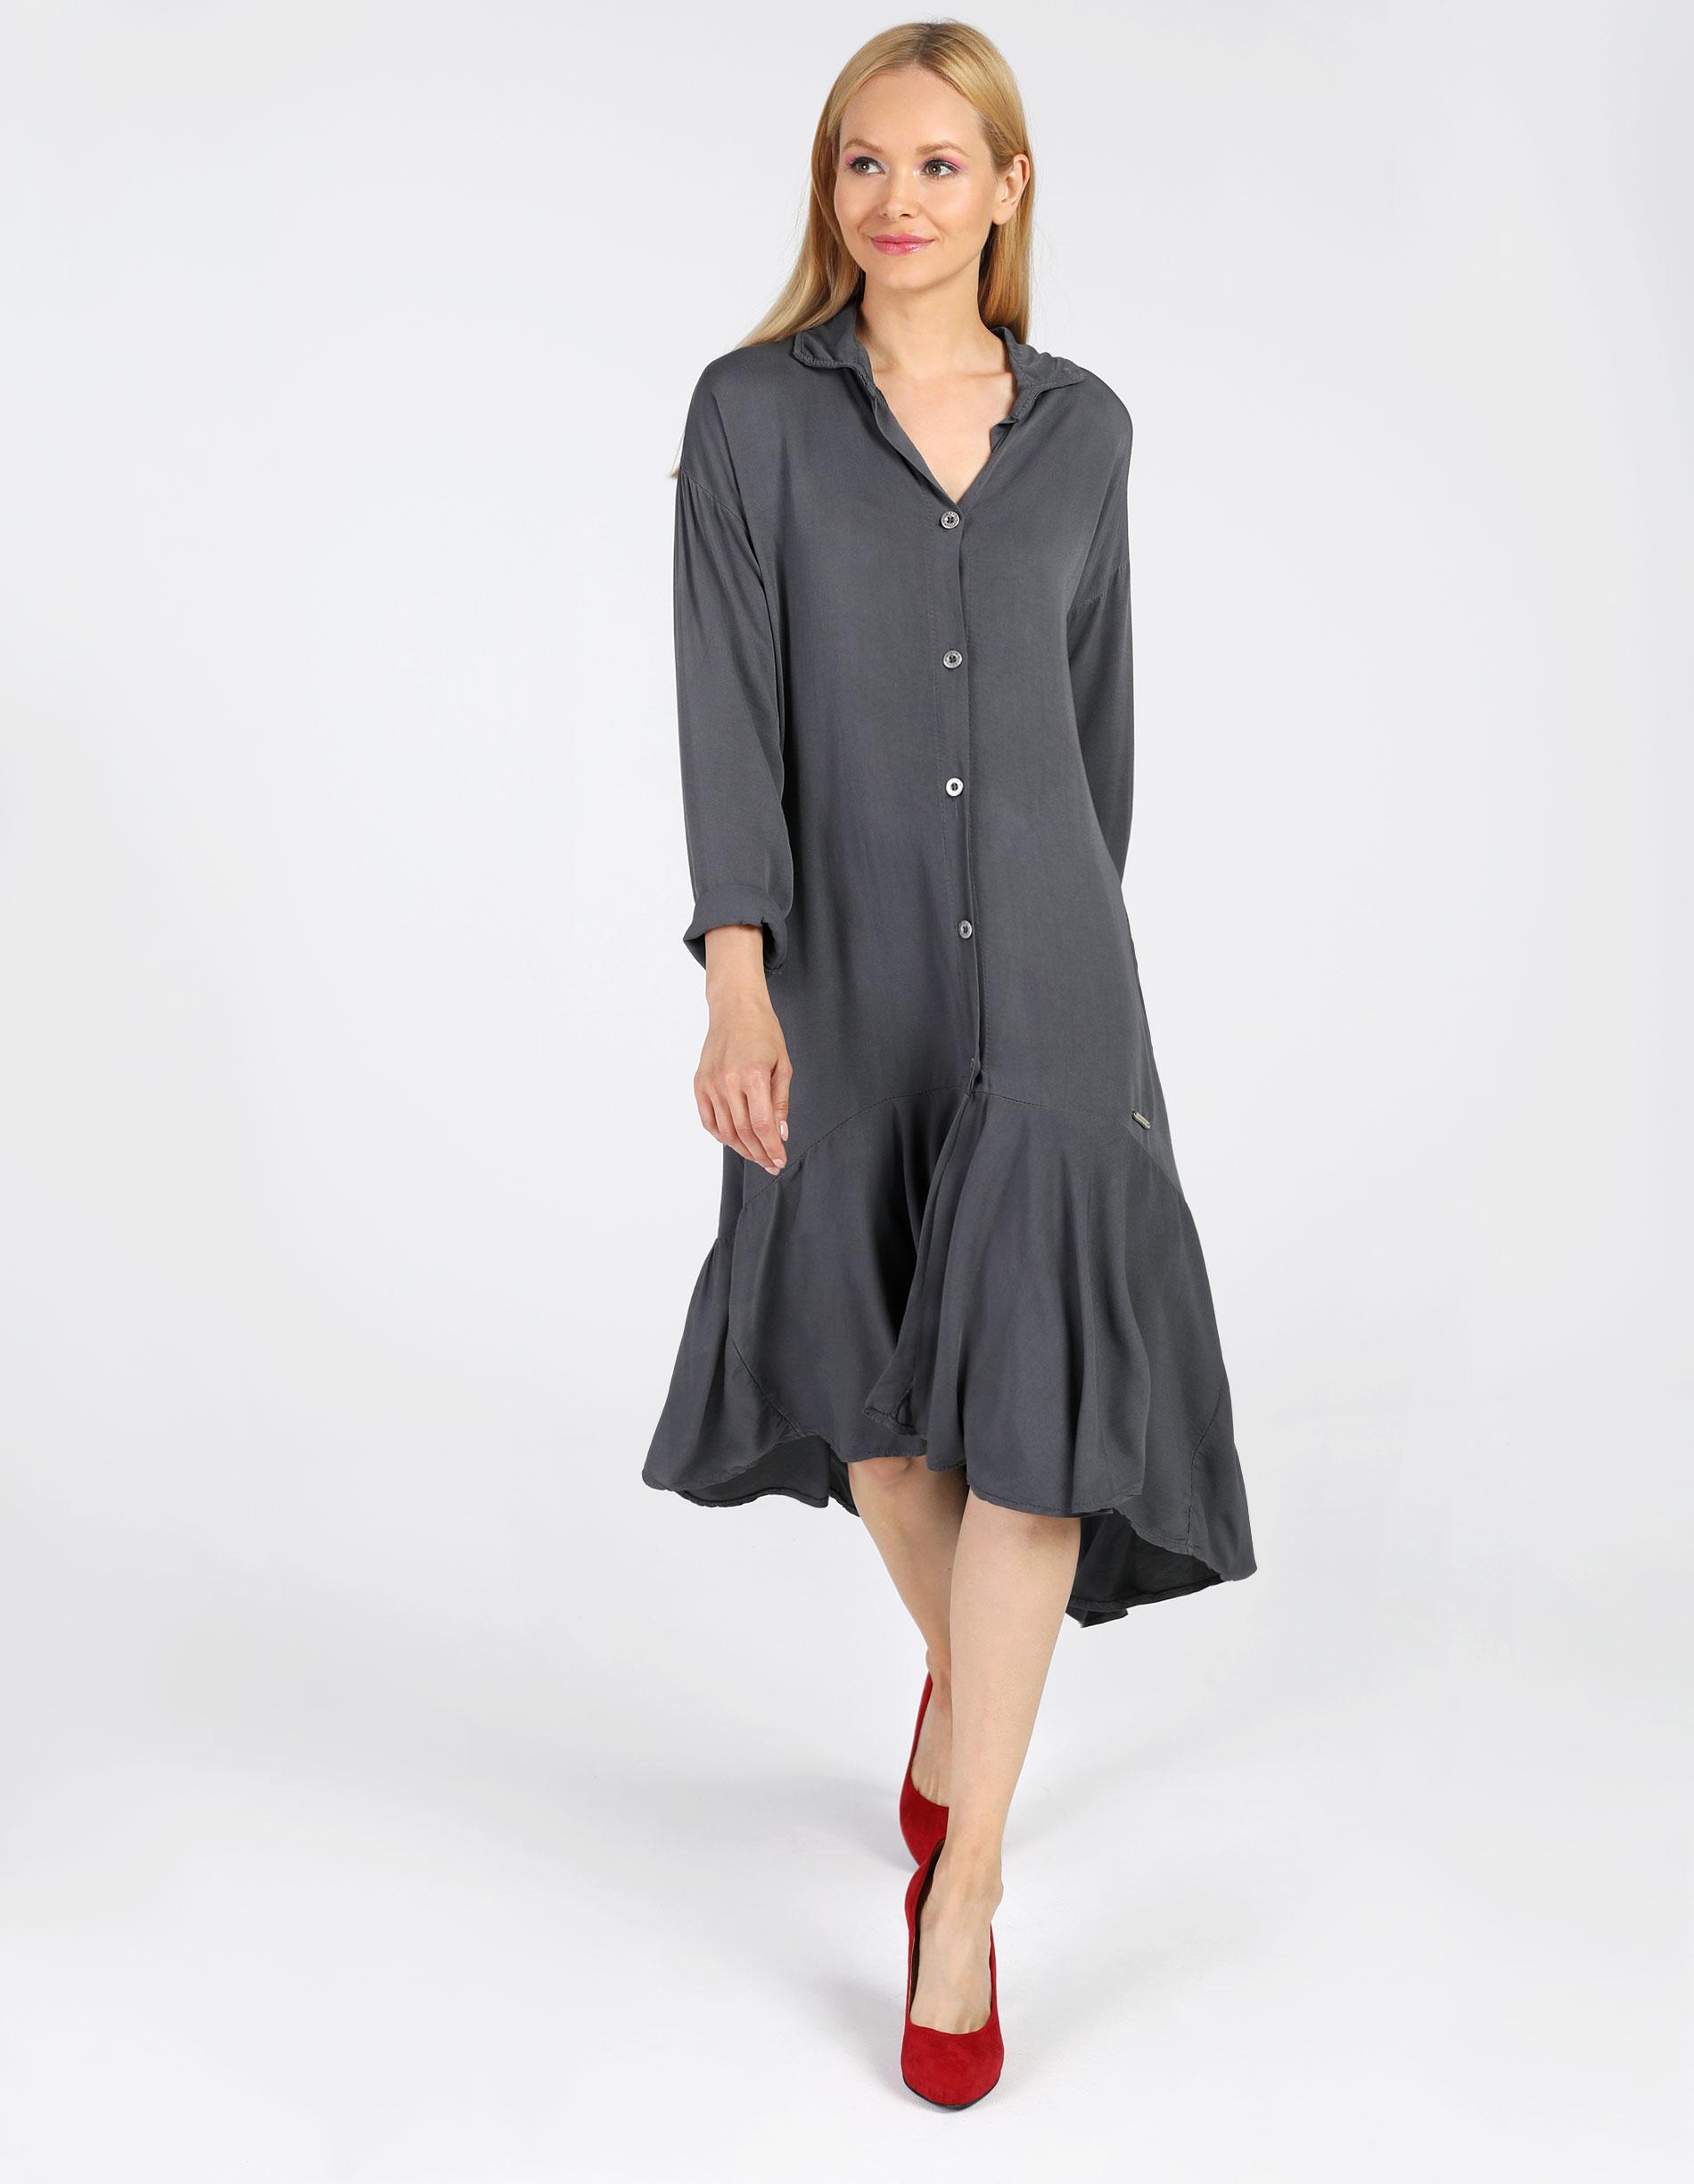 Sukienka - 77-7835 PIOMB - Unisono